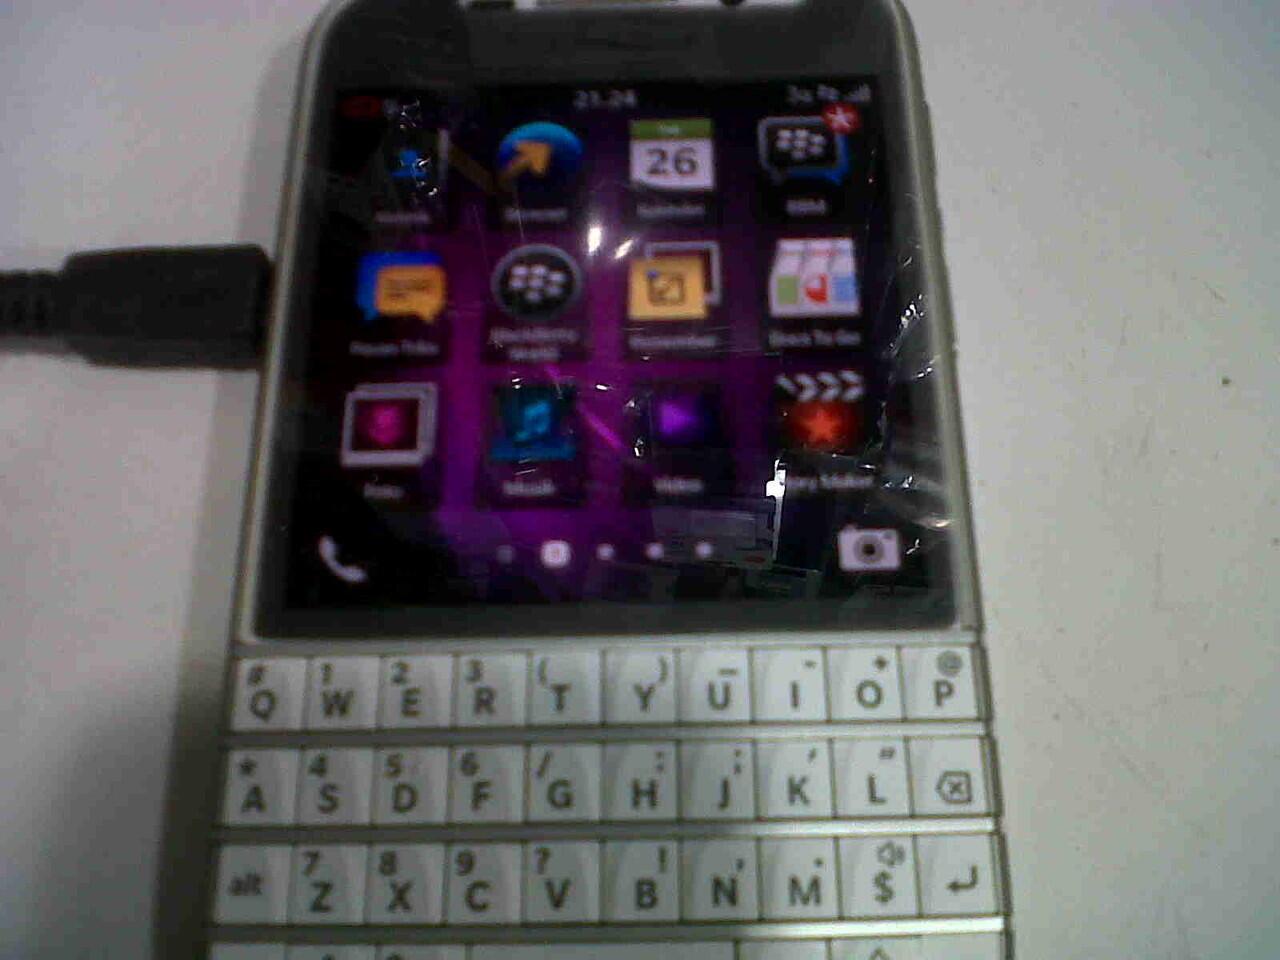 Blackberry Q10,Q 5,9220